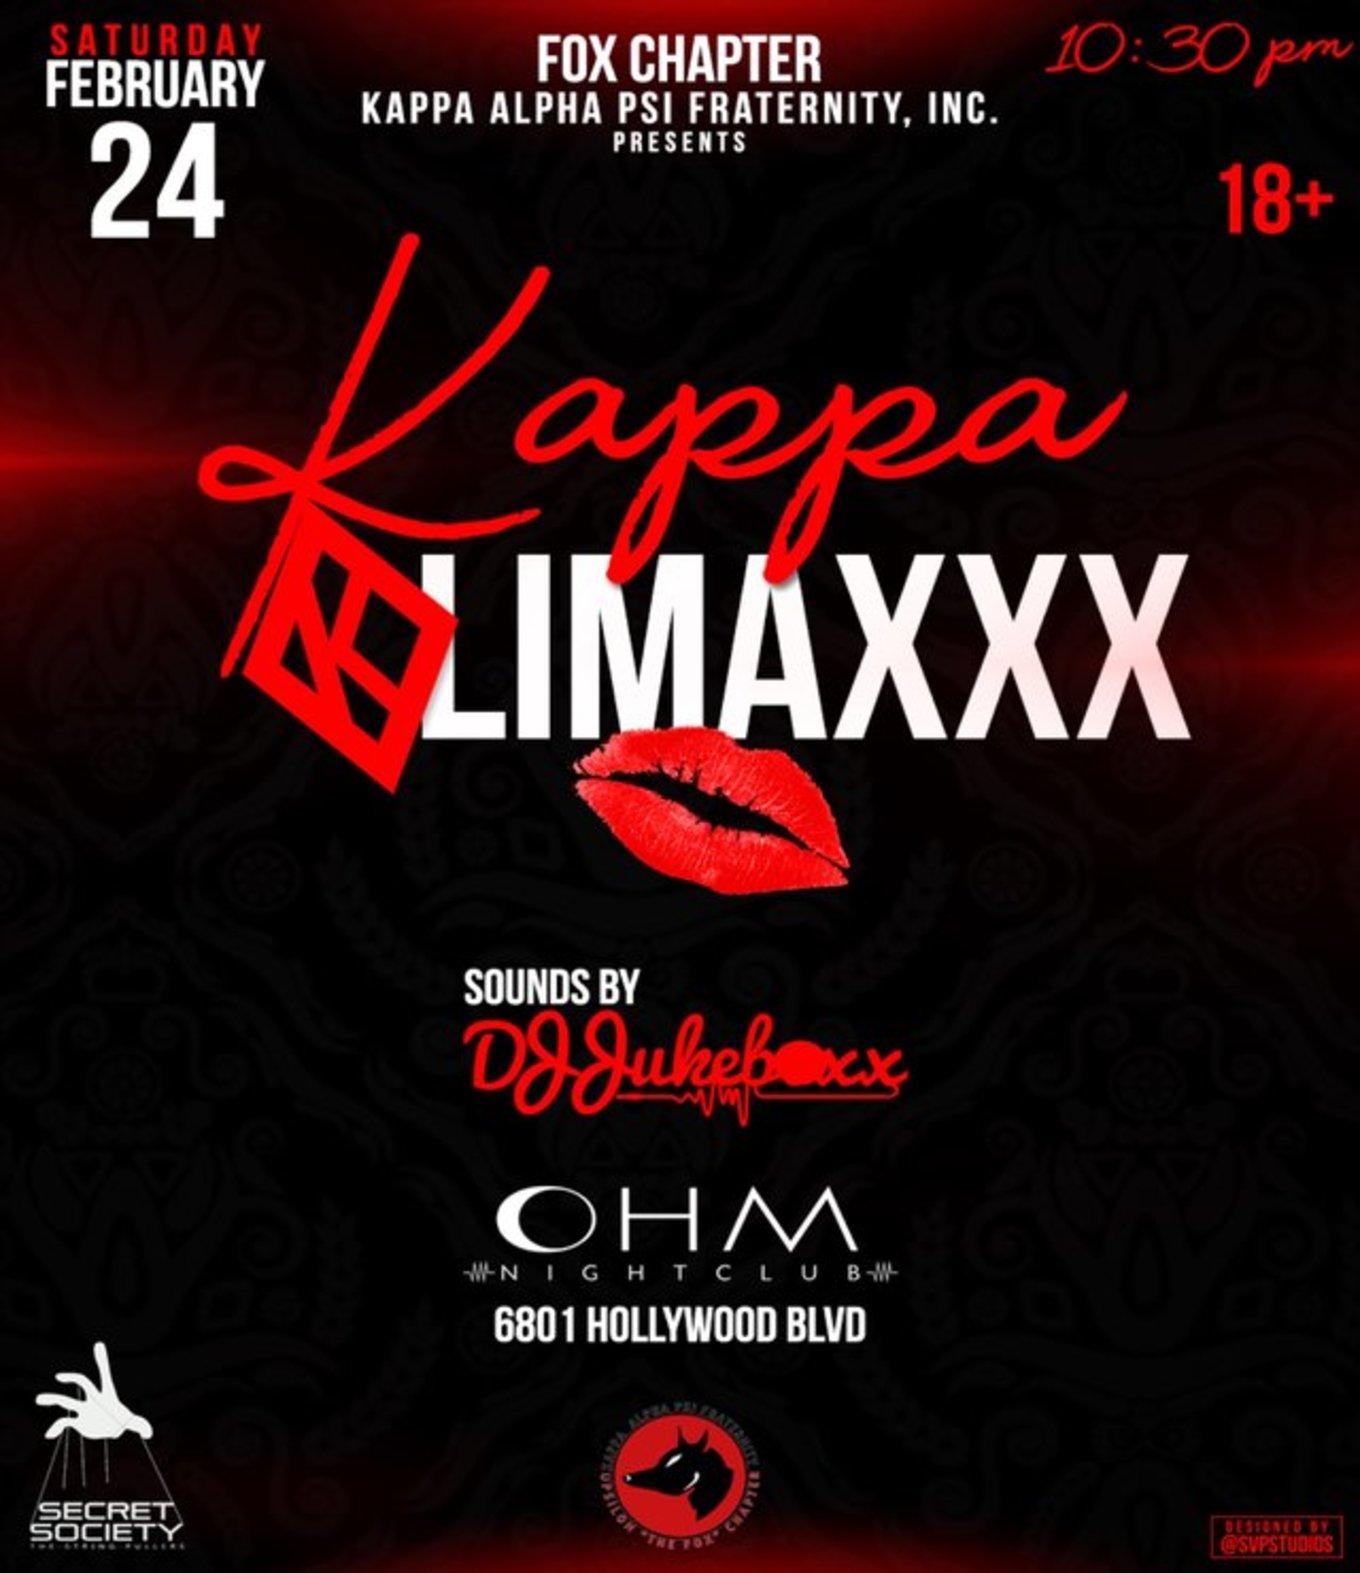 KAPPA KLIMAXXX - Tickets - Ohm Nightclub LAB, Los Angeles, CA